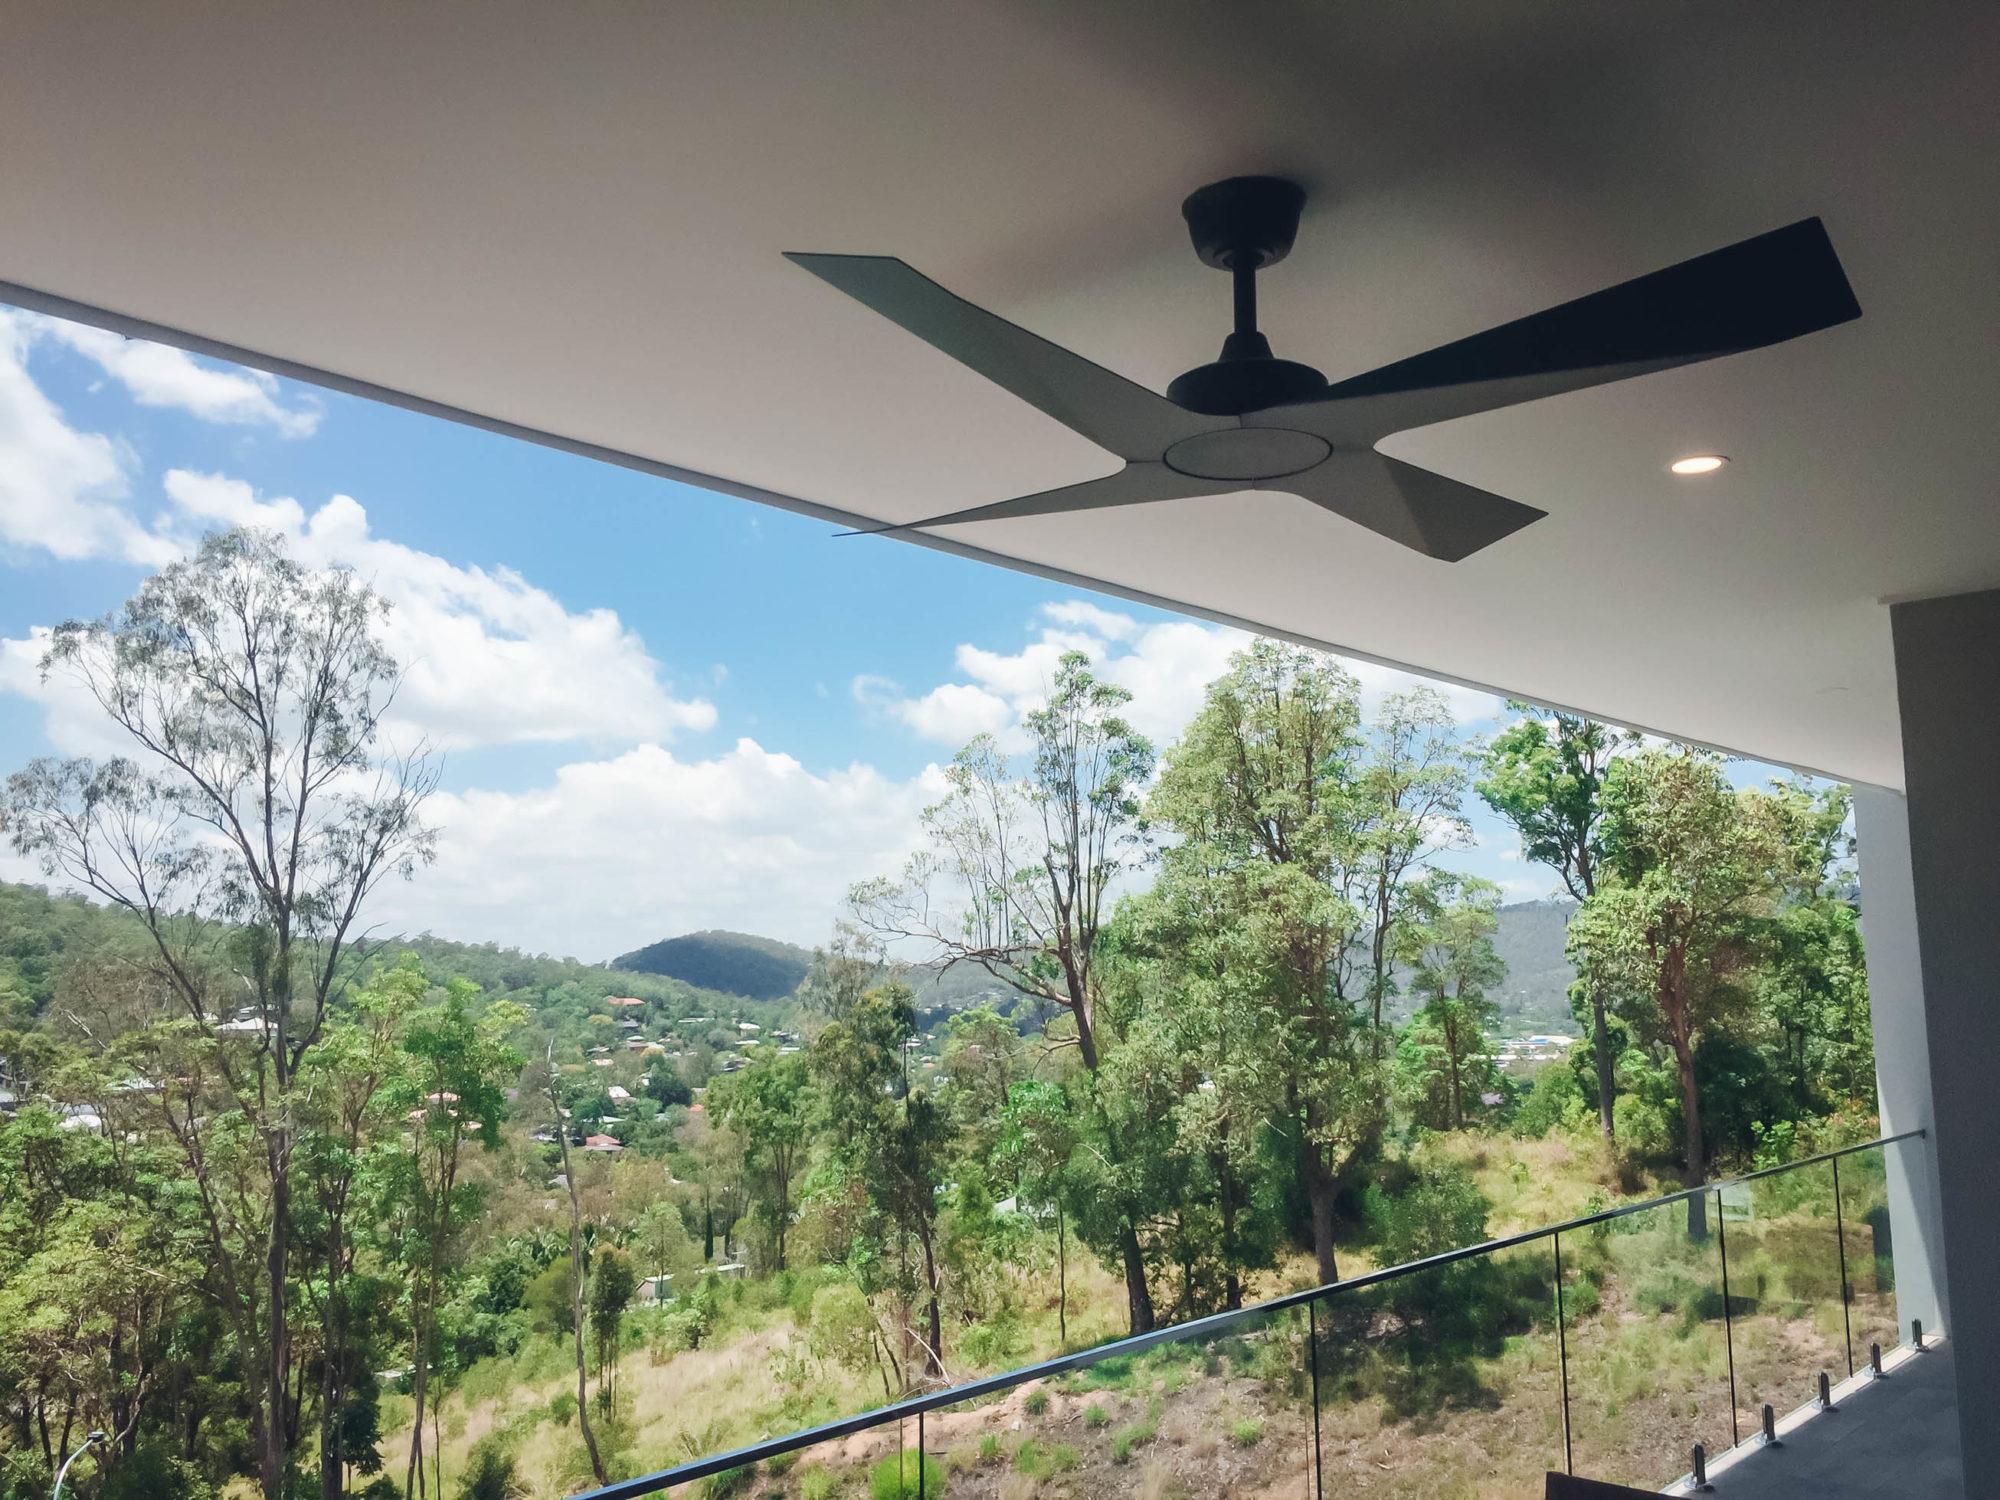 Modn 4 Ceiling Fan 9